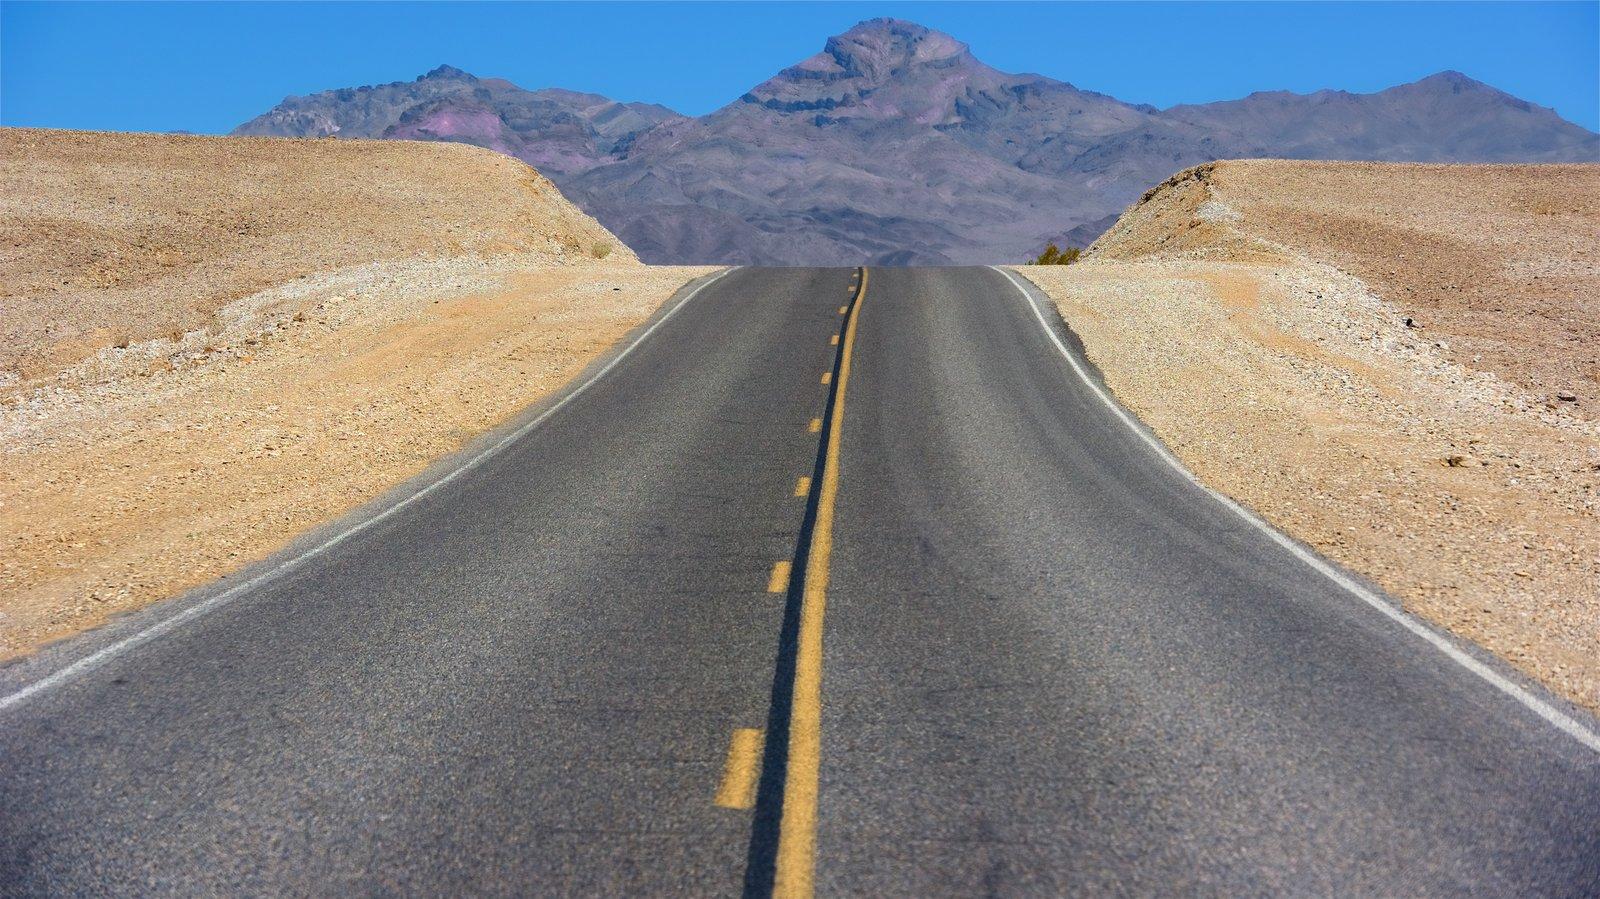 Vale da Morte mostrando cenas tranquilas e paisagens do deserto